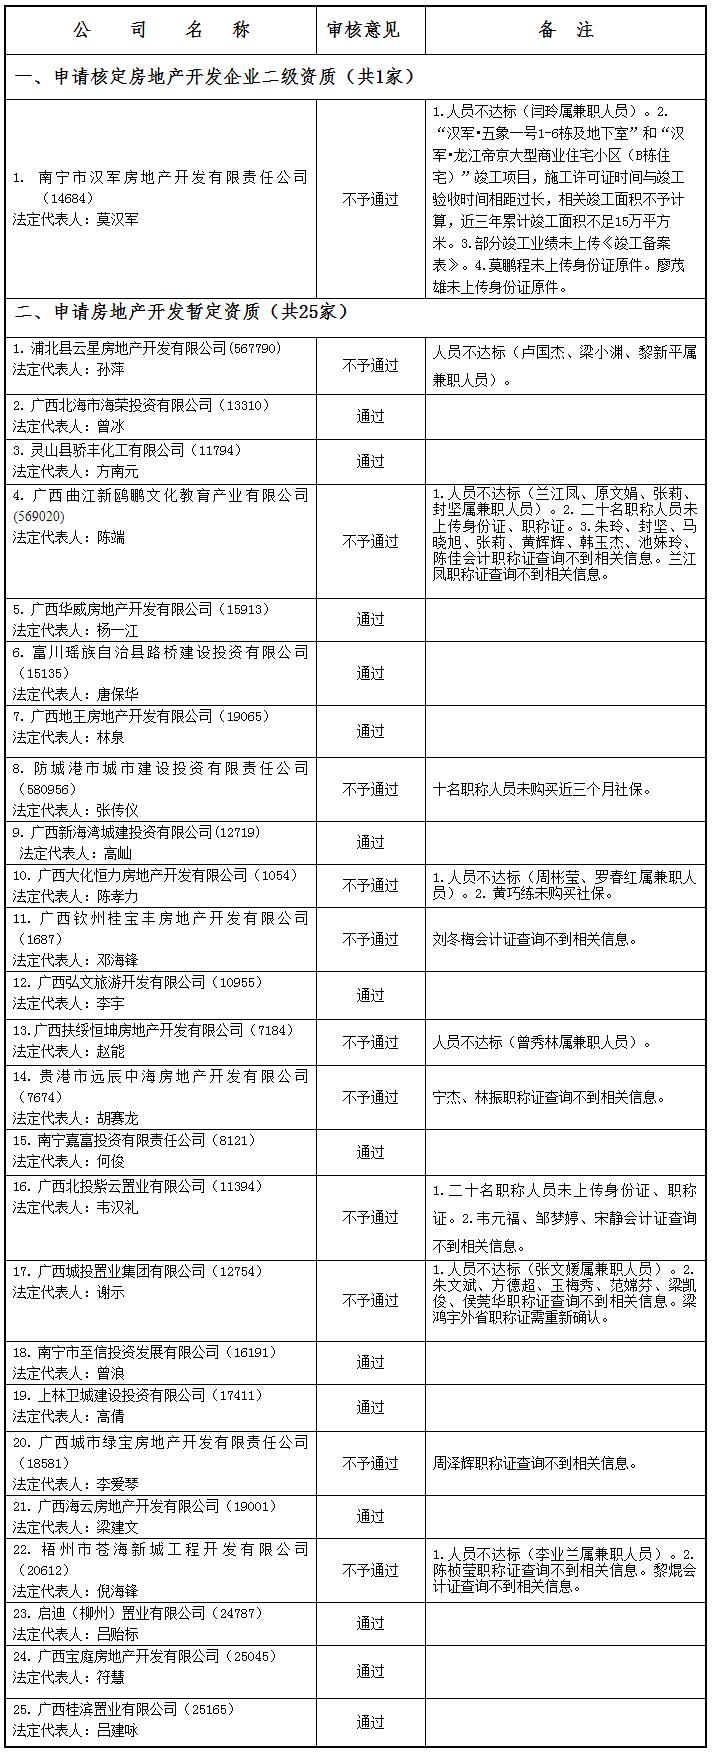 广西建设网--_关于公布2021年第07批房地产企业资质(资格)结果的公告(第1976号).png